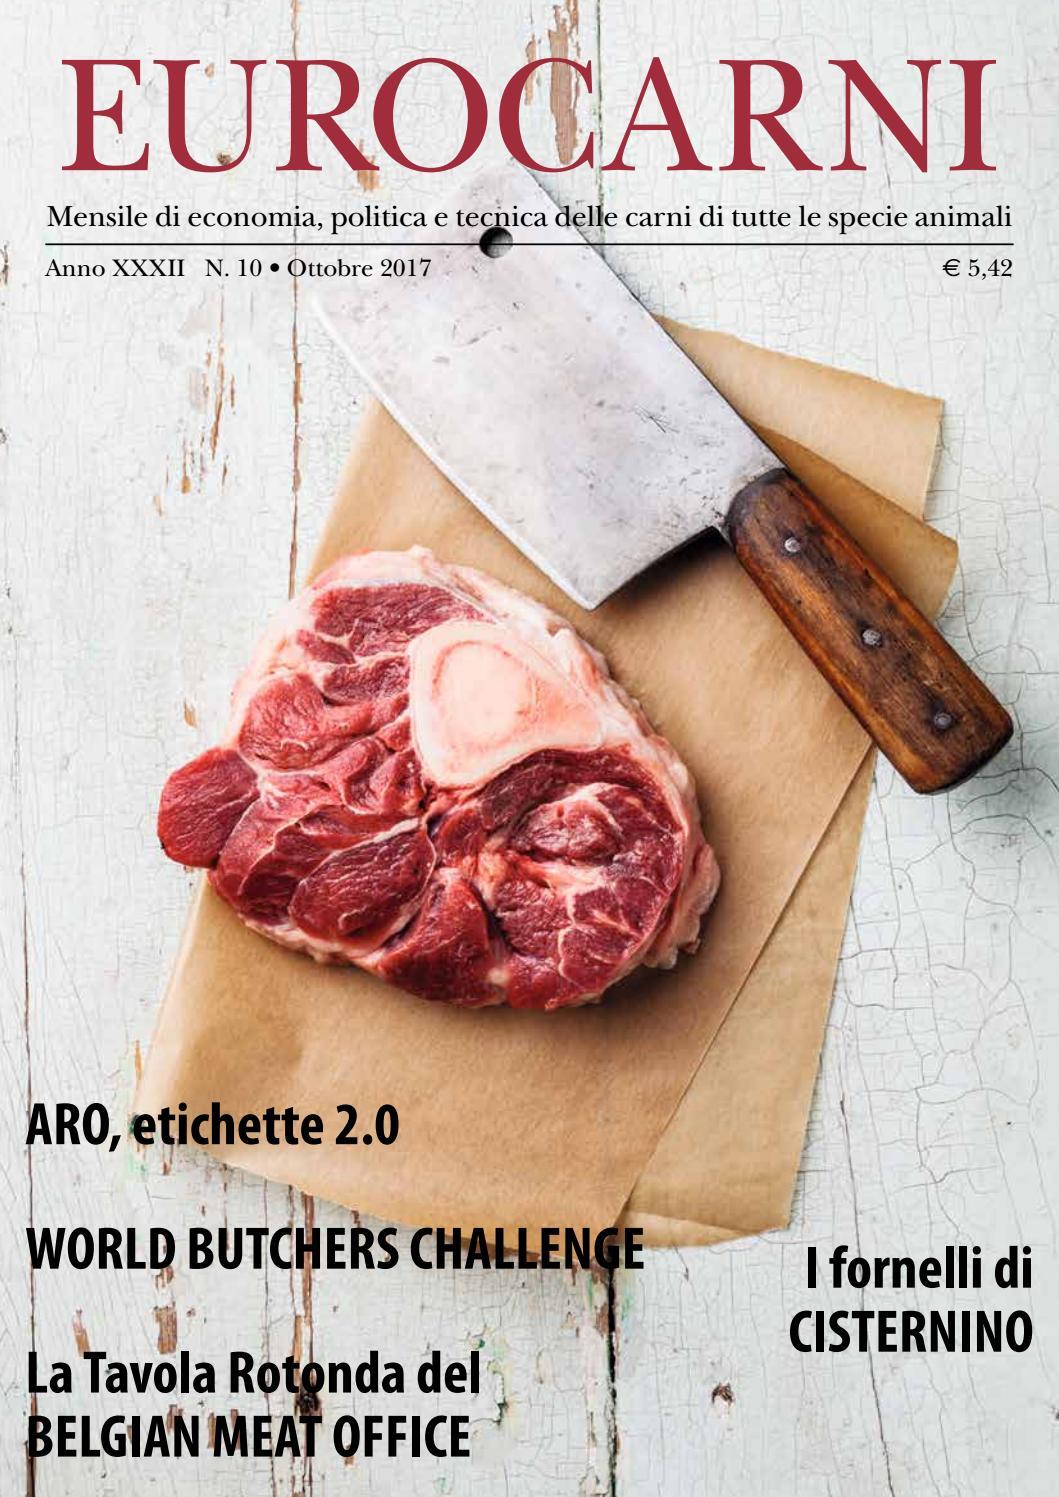 Eurocarni 10-2017 by EDIZIONI PUBBLICITA  ITALIA - issuu 455c23cc5994